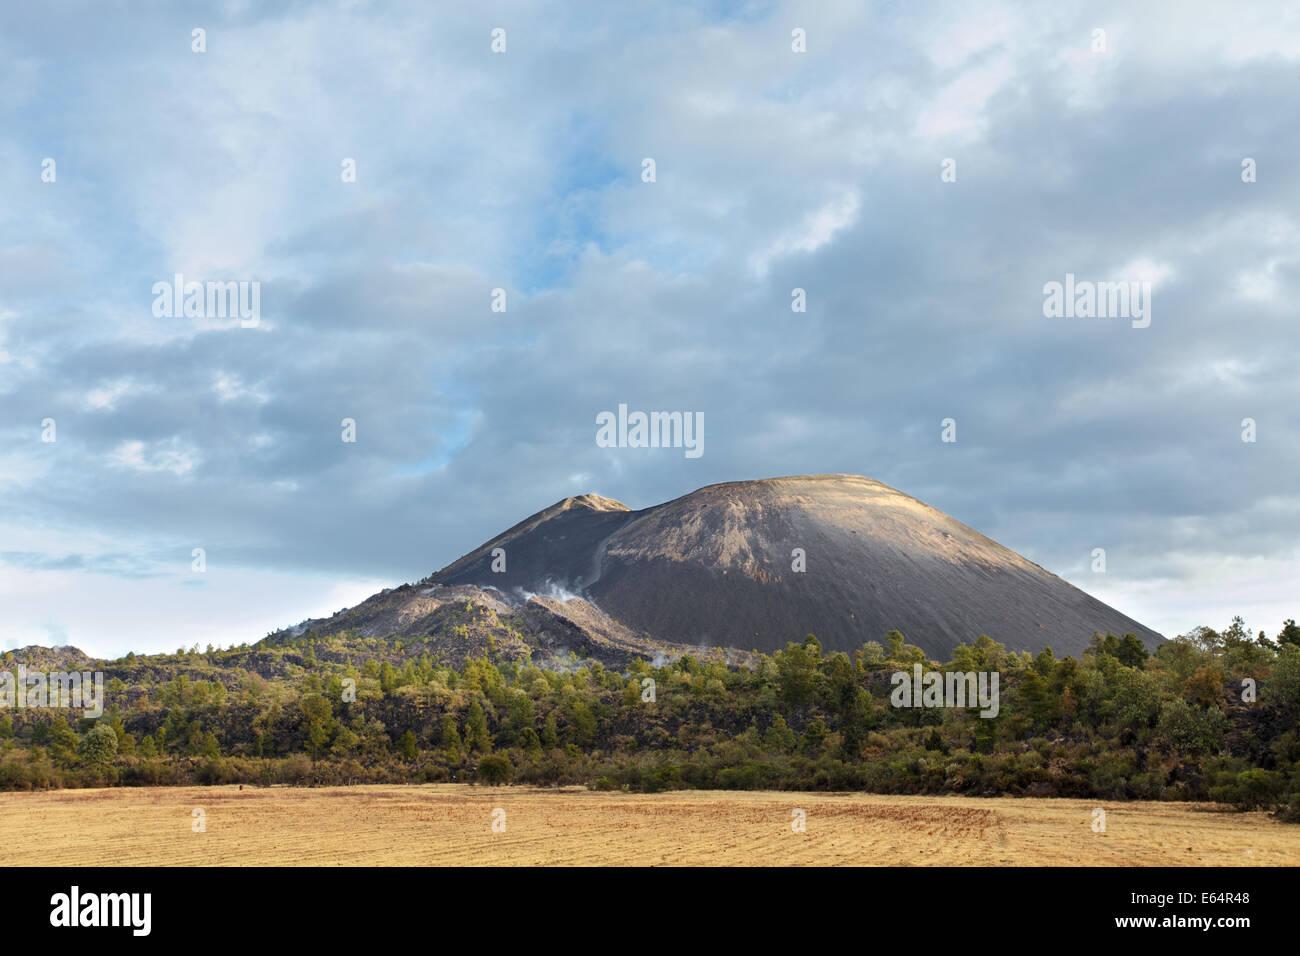 The Paricutin volcano at sunrise in Michoacan, Mexico. - Stock Image